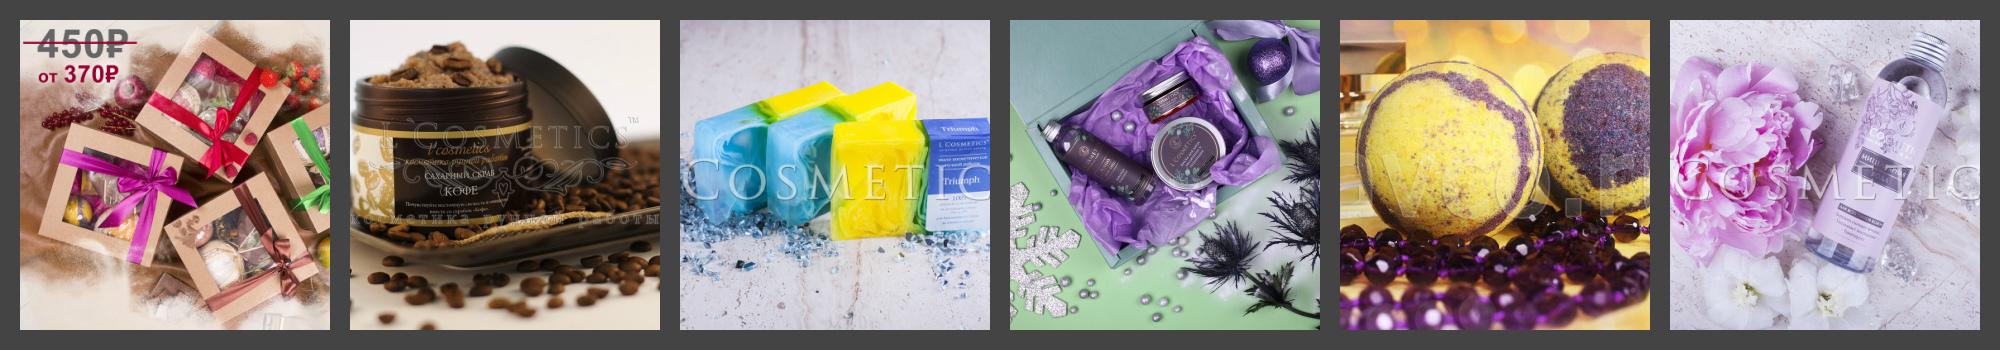 Предновогодняя Акция! Вкуснятина для нашего тела - подарочные наборы, бурлящие шарики и молочко для ванны, скрабы, мыло ручной работы, шампуньки, маски, гели и многое другое.